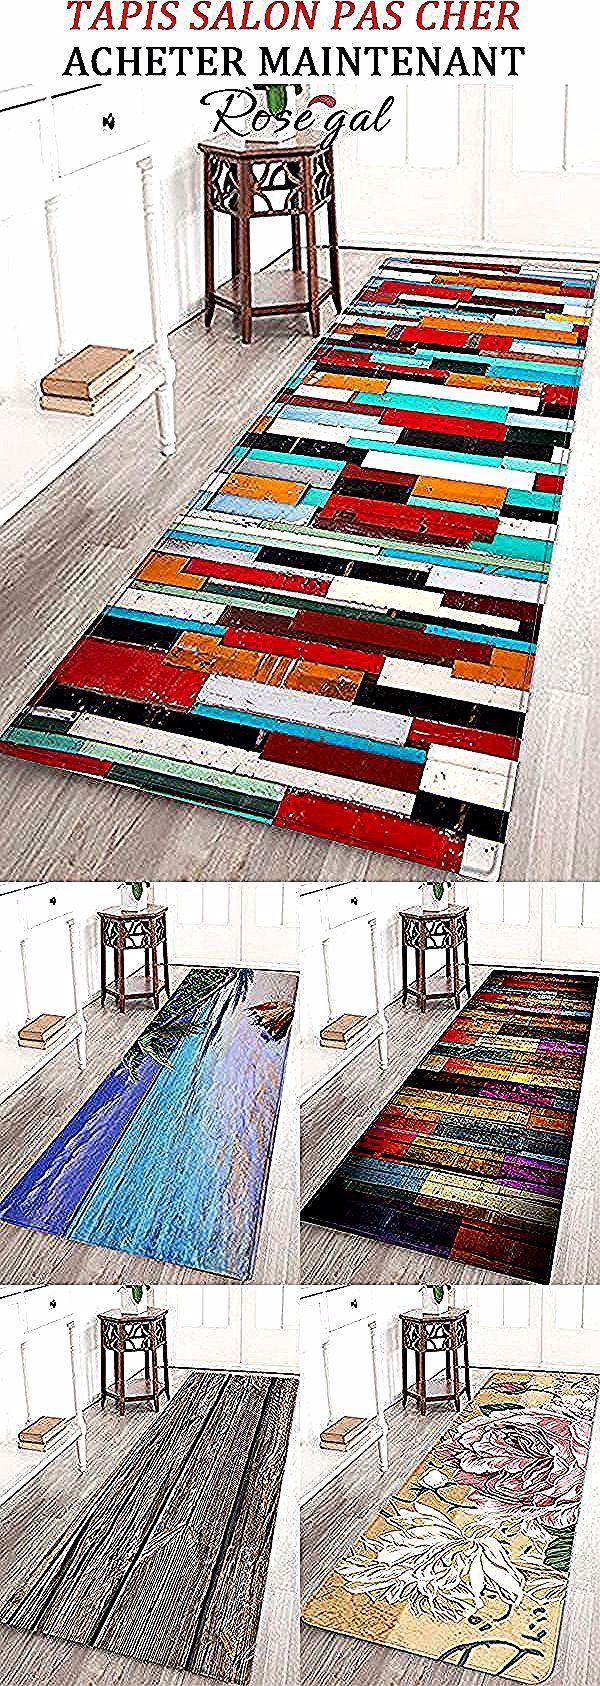 Tapis Salon Pas Cher Pour La Decoration Appartement Et Maison Rosegal Tapis Kids Rugs Home Decor Decor